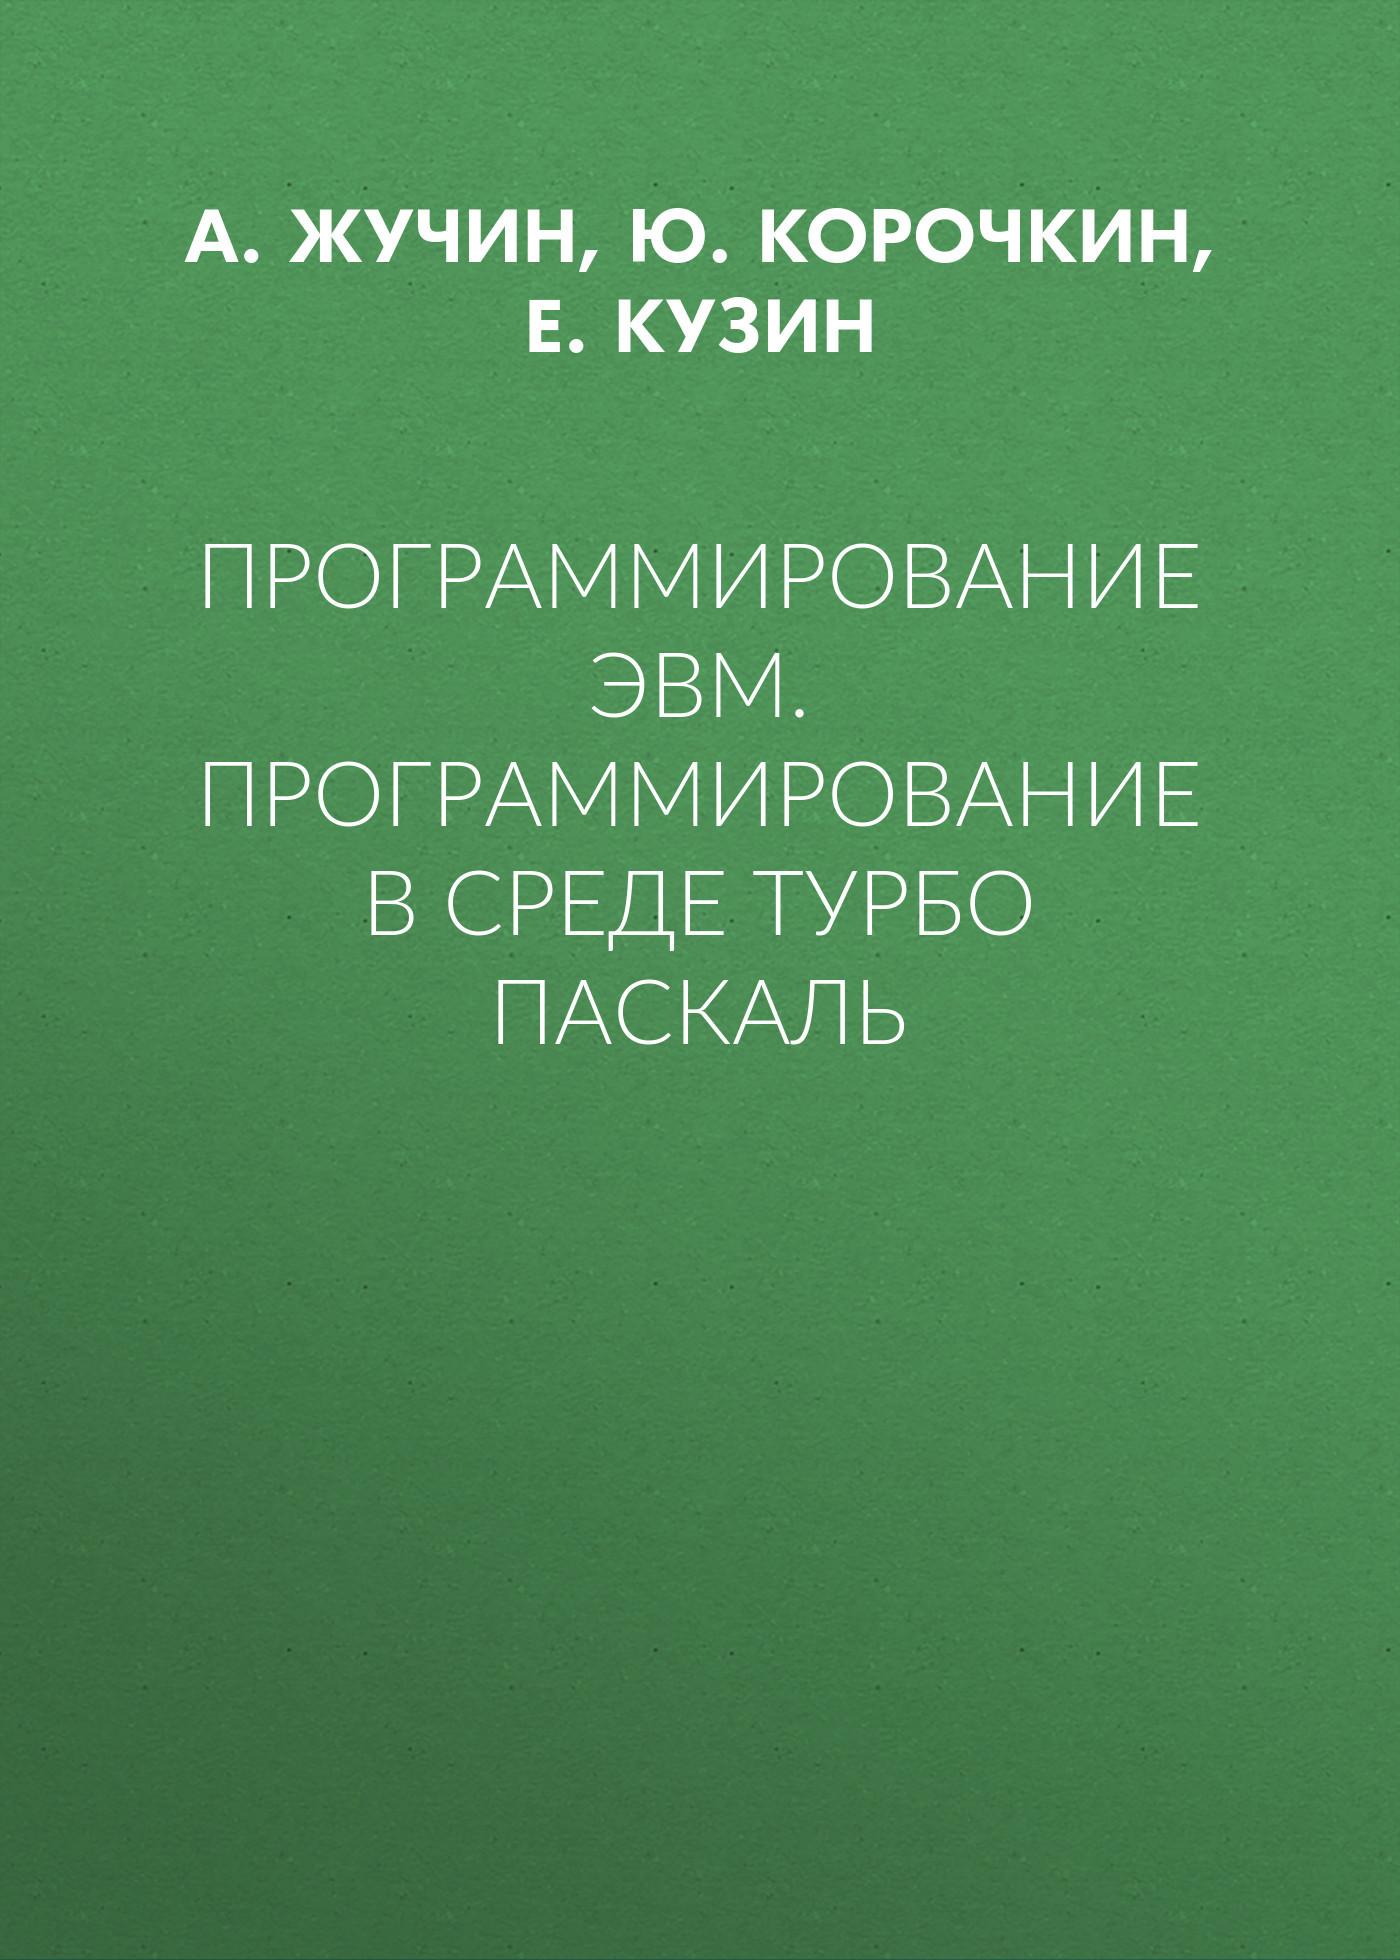 Ю. Корочкин Программирование эвм. Программирование в среде Турбо Паскаль буайе паскаль объясняя религию природа религиозного мышления